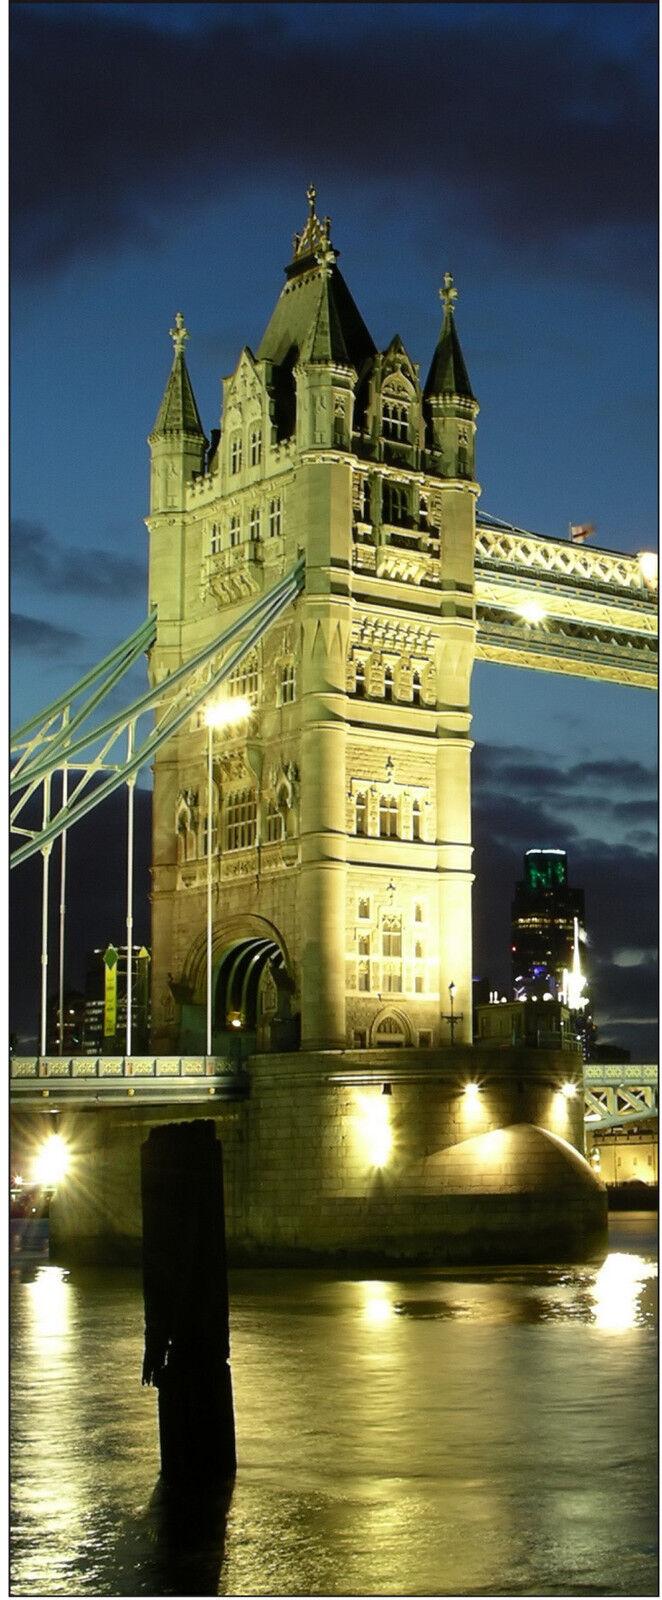 Cartel Póster Puerta Decoración Trampantojo Londres Ref 701-4 Tallas